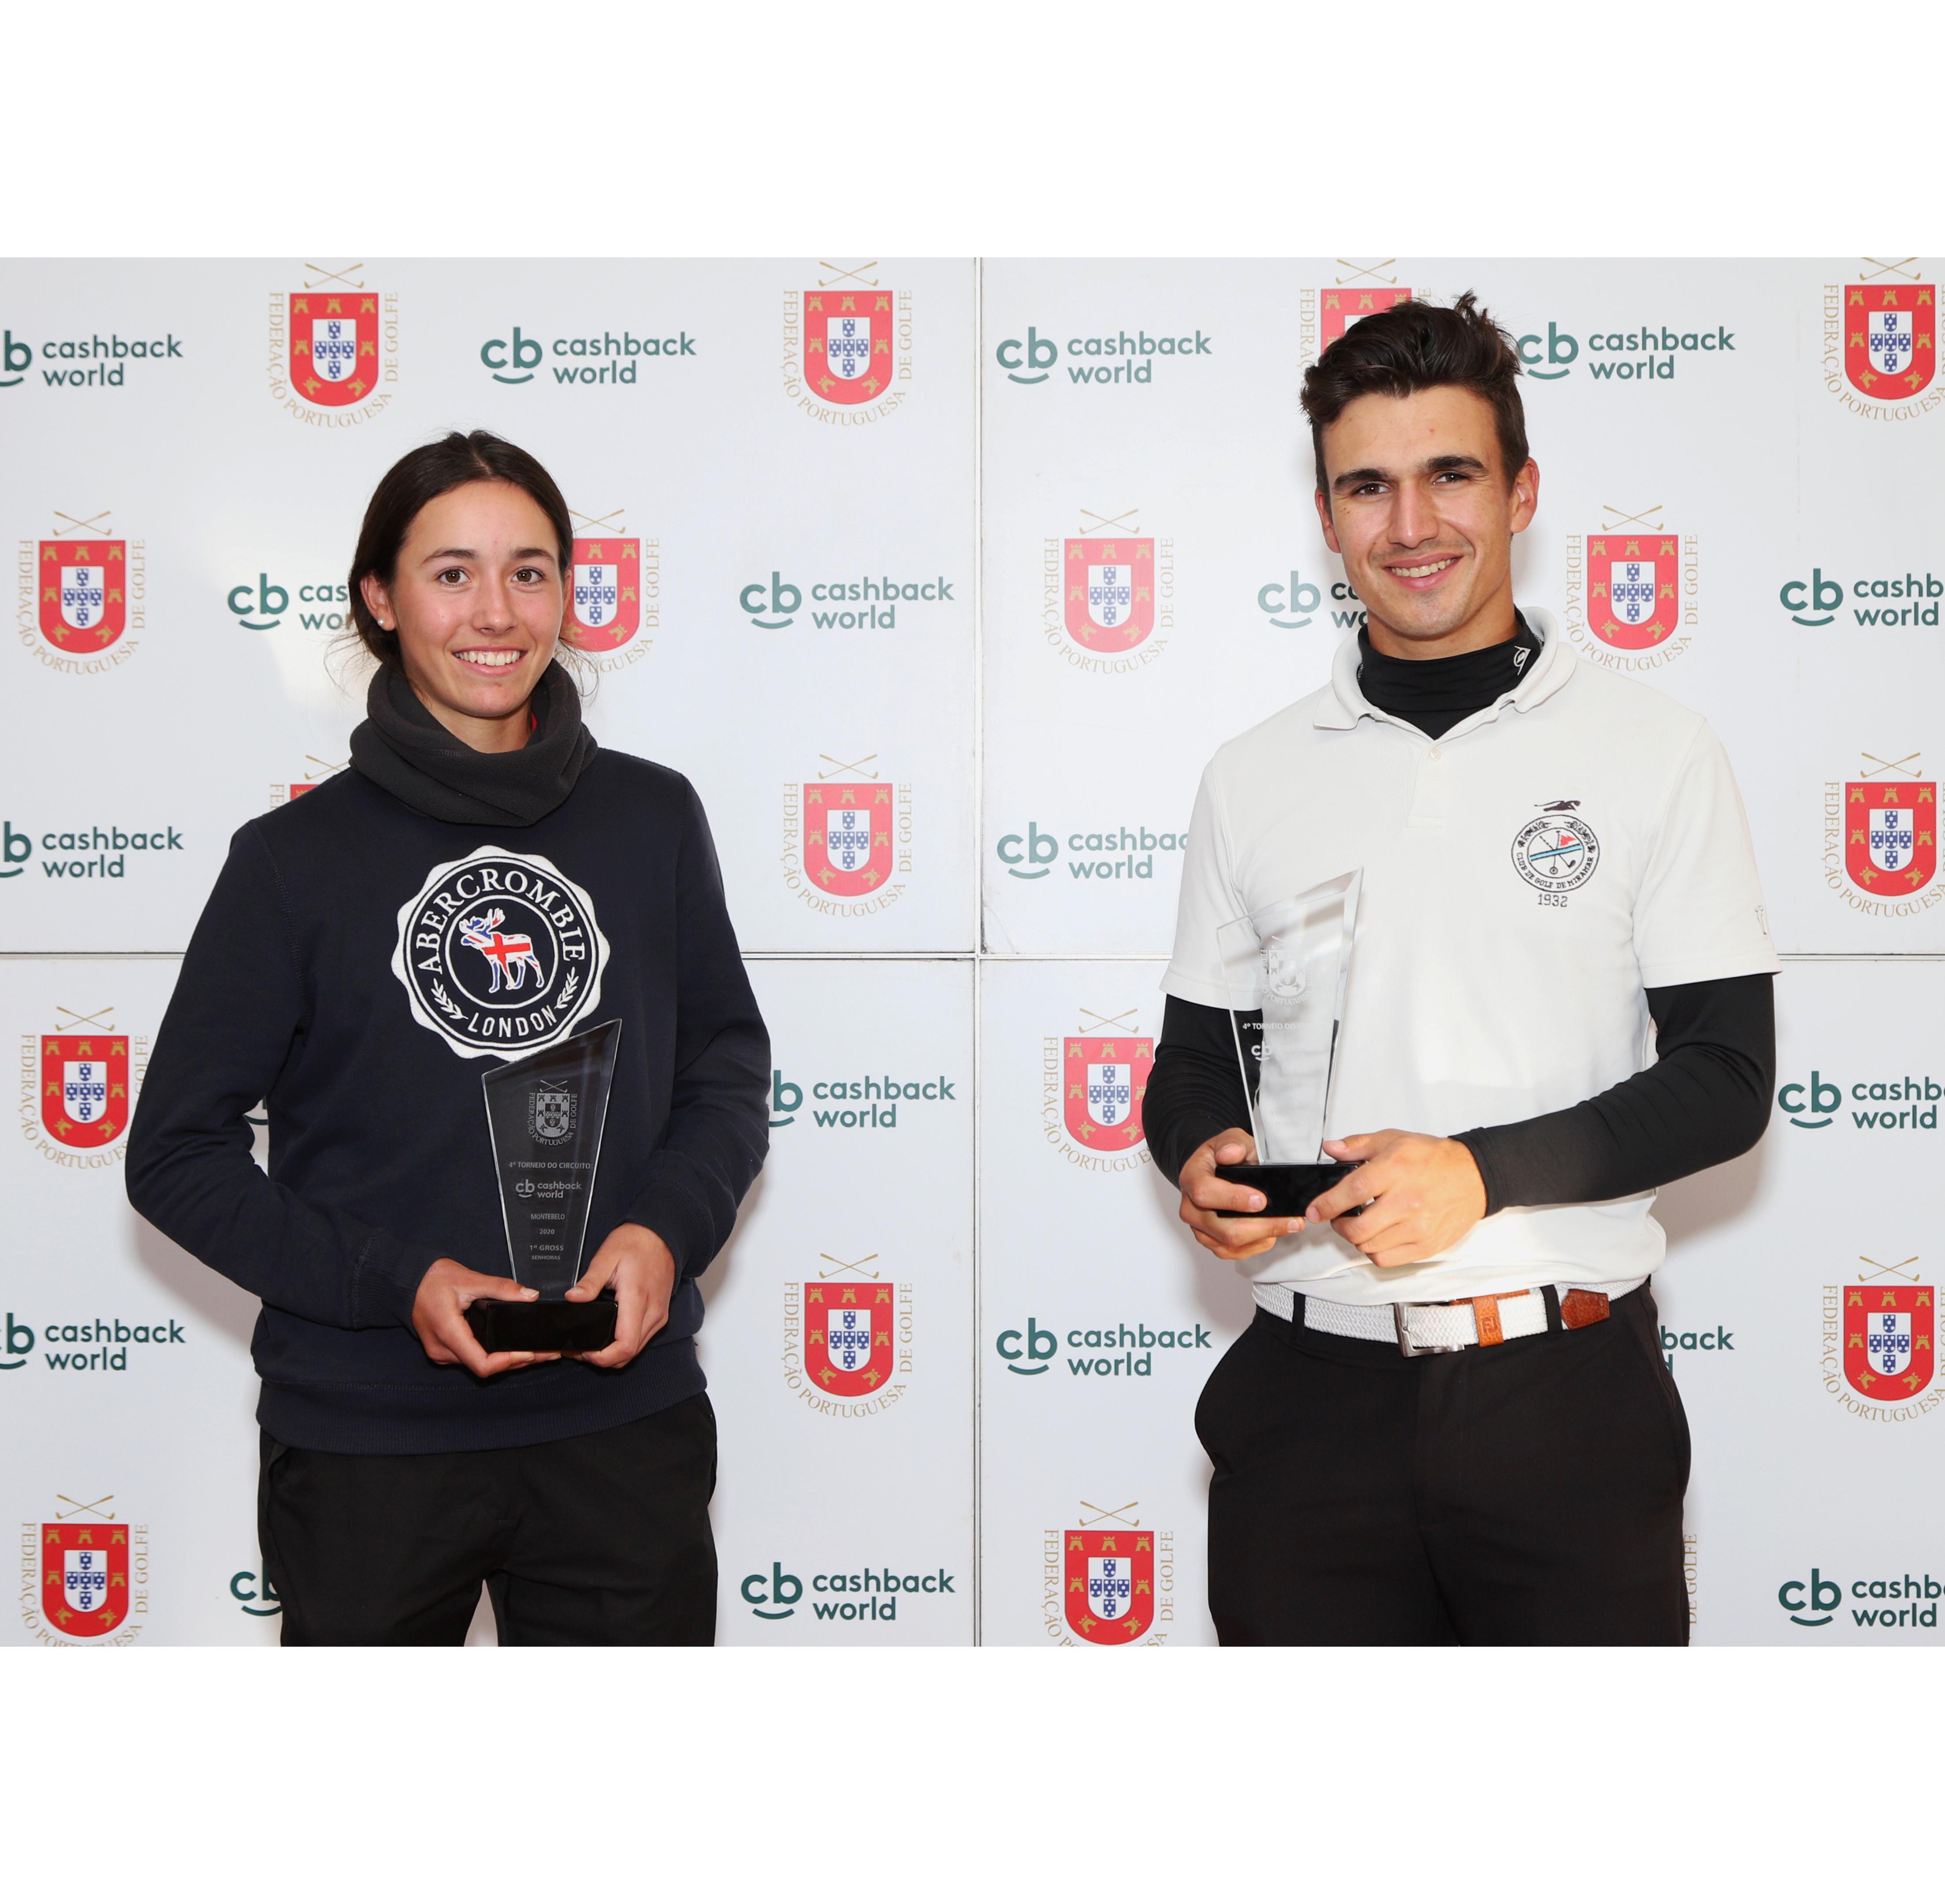 4.º Torneio Circuito Cashback World – Ouro para Pedro Lencart e Isabel Laulhé